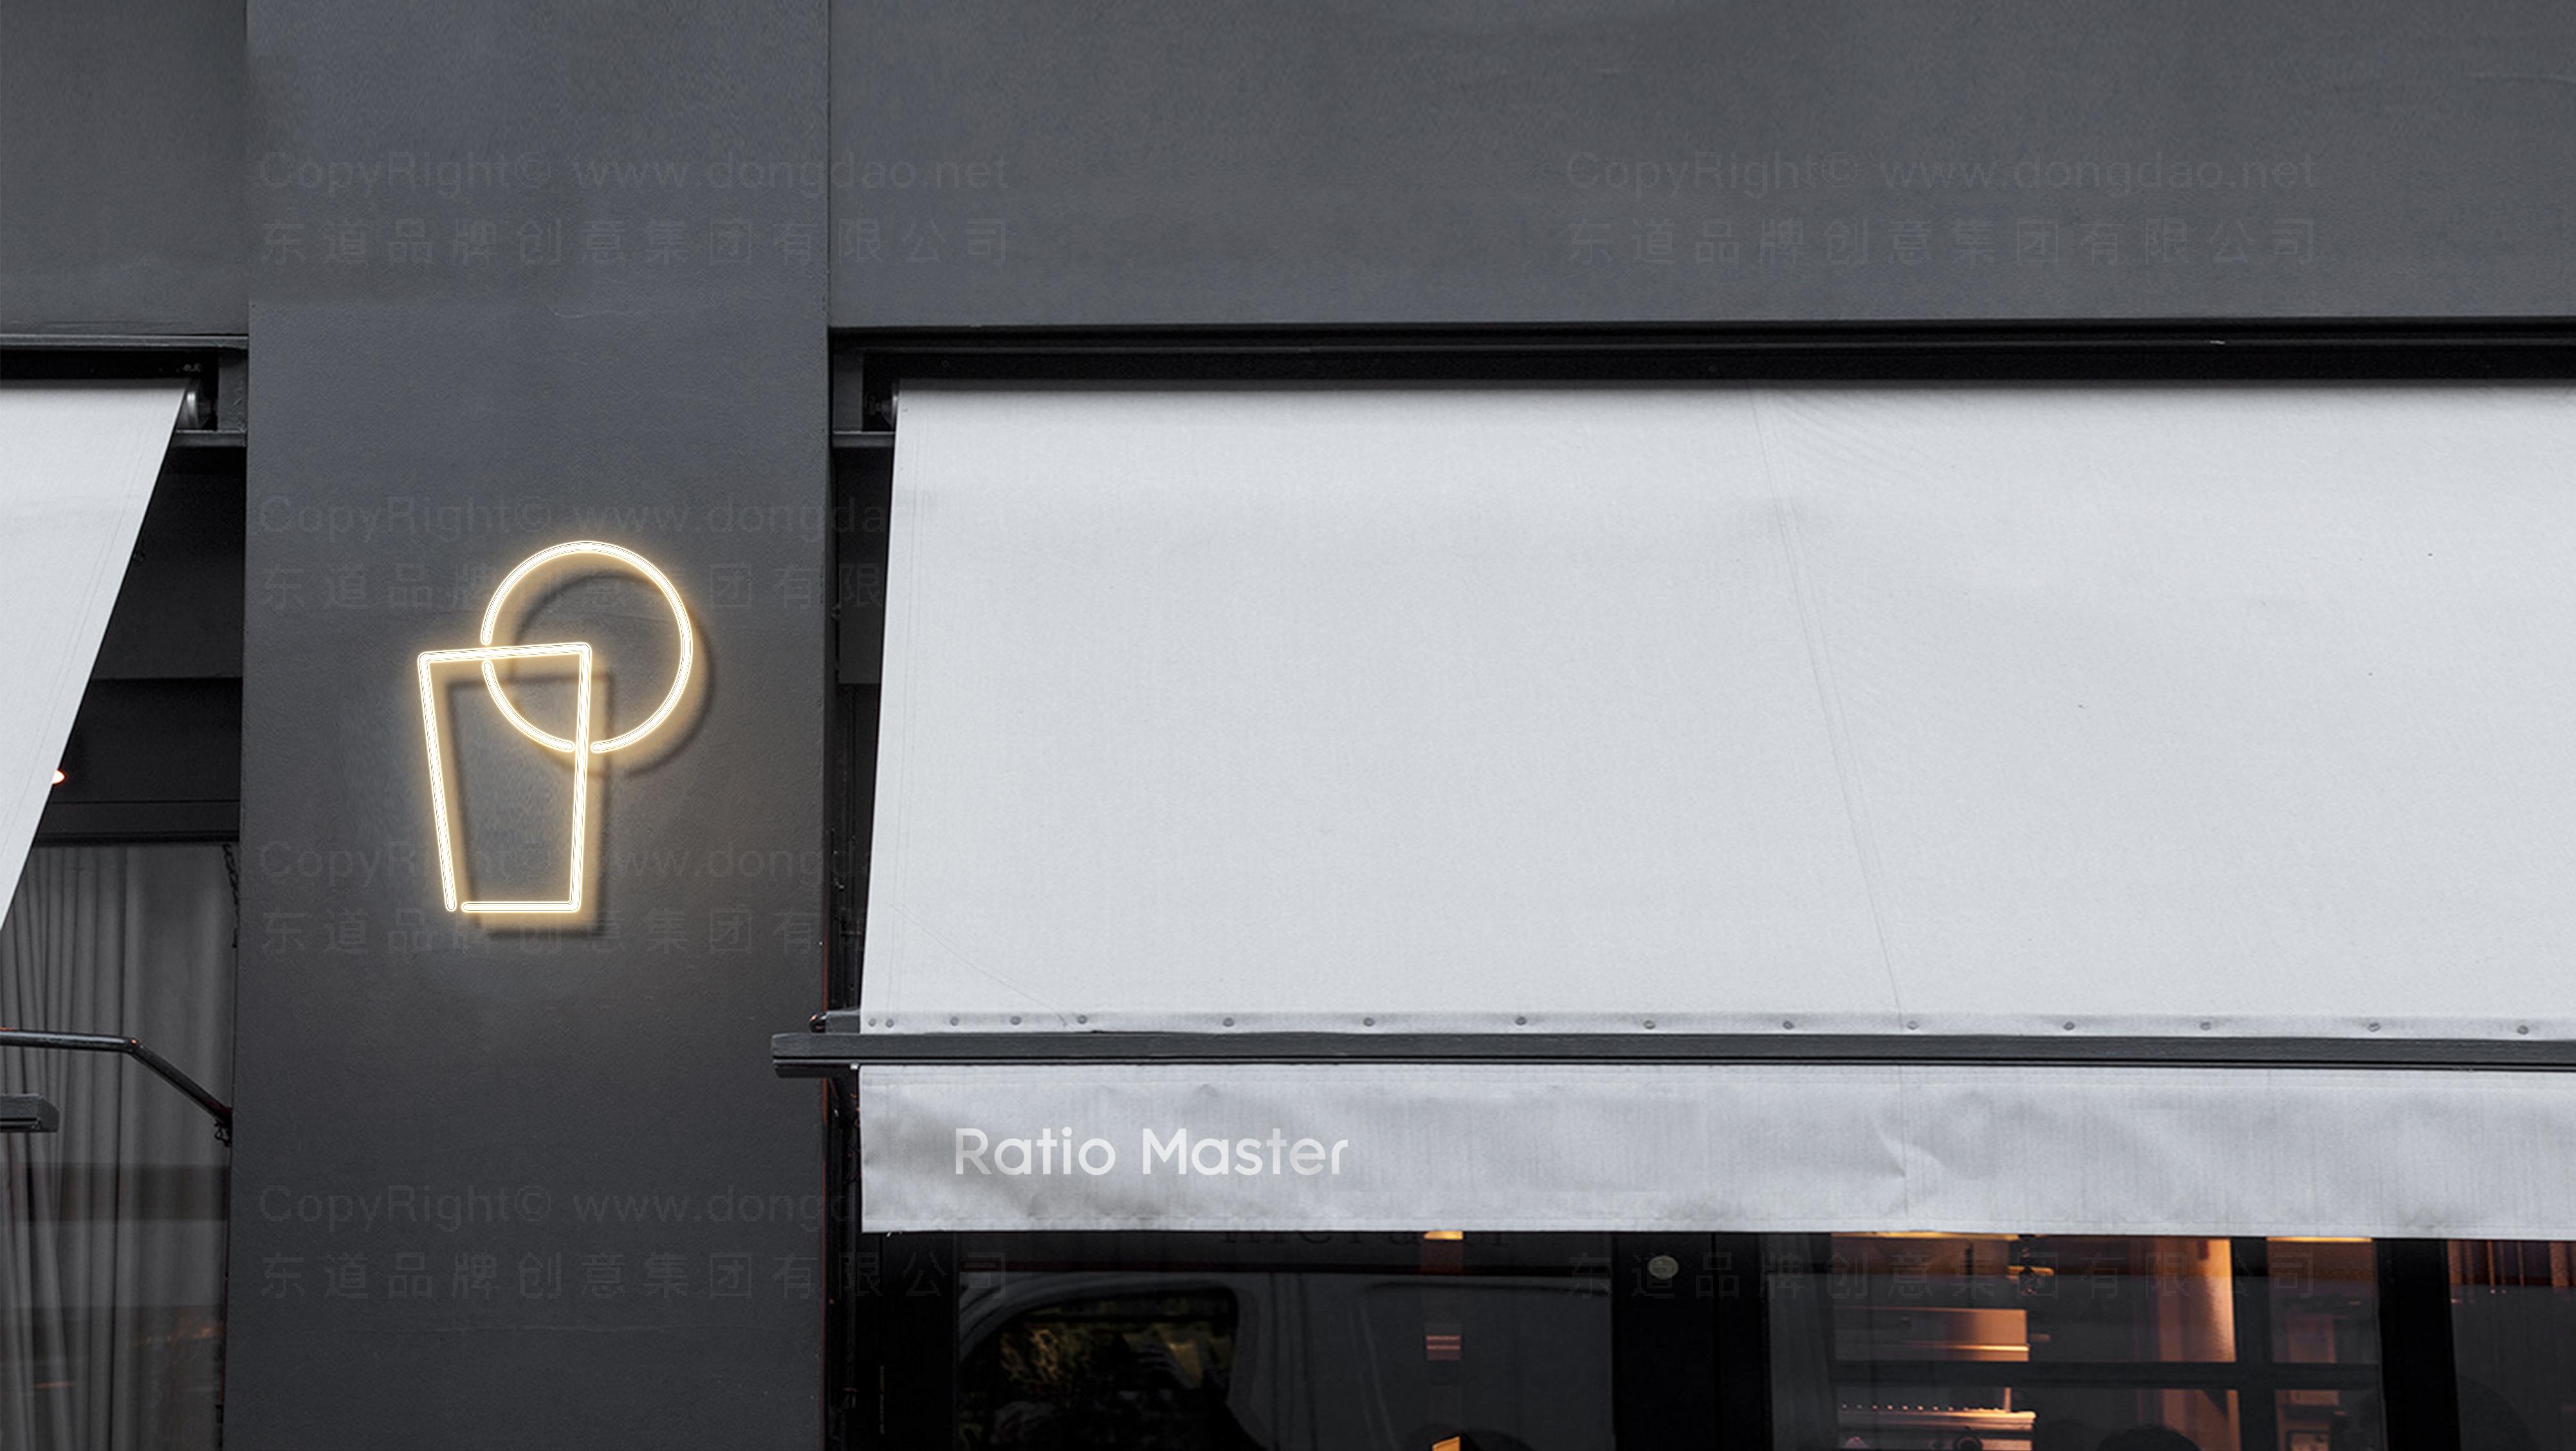 酒店餐饮品牌设计比率大师 Ratio MasterLOGO&VI设计